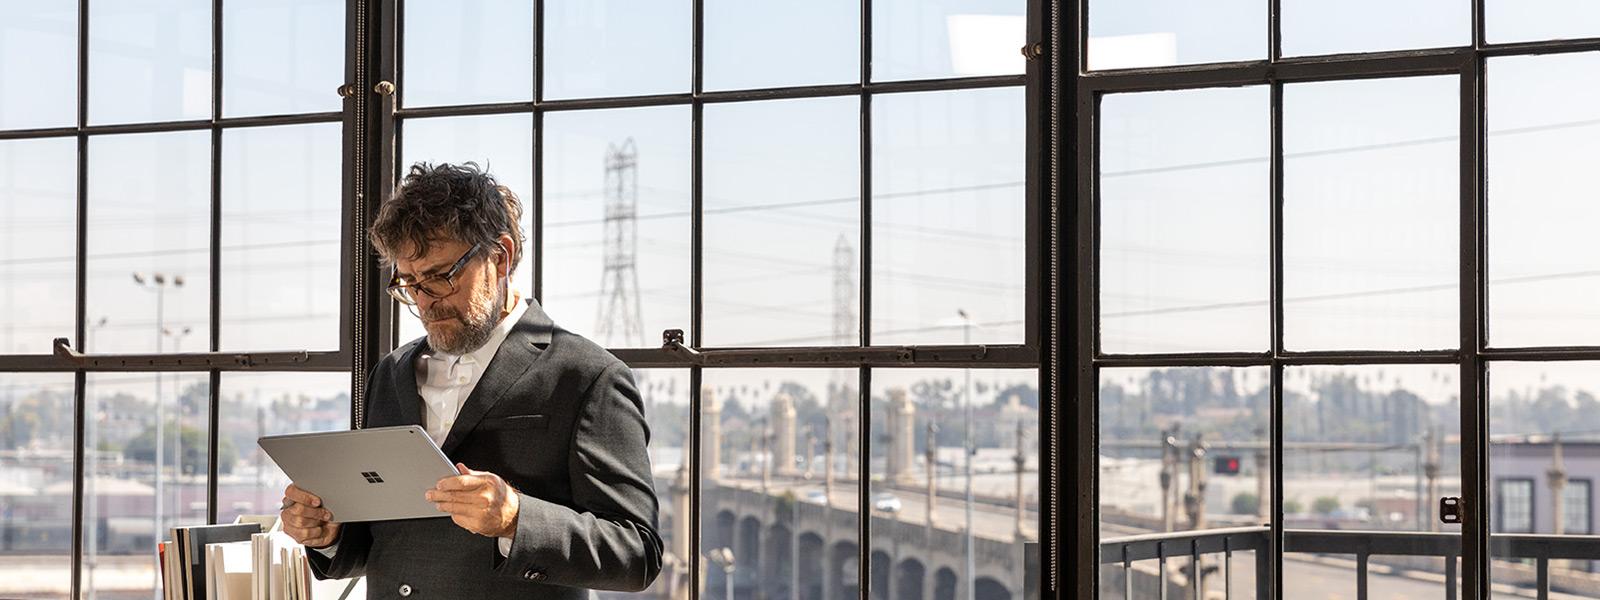 창 옆에 앉아 Surface Book 3 태블릿을 보고 있는 남성